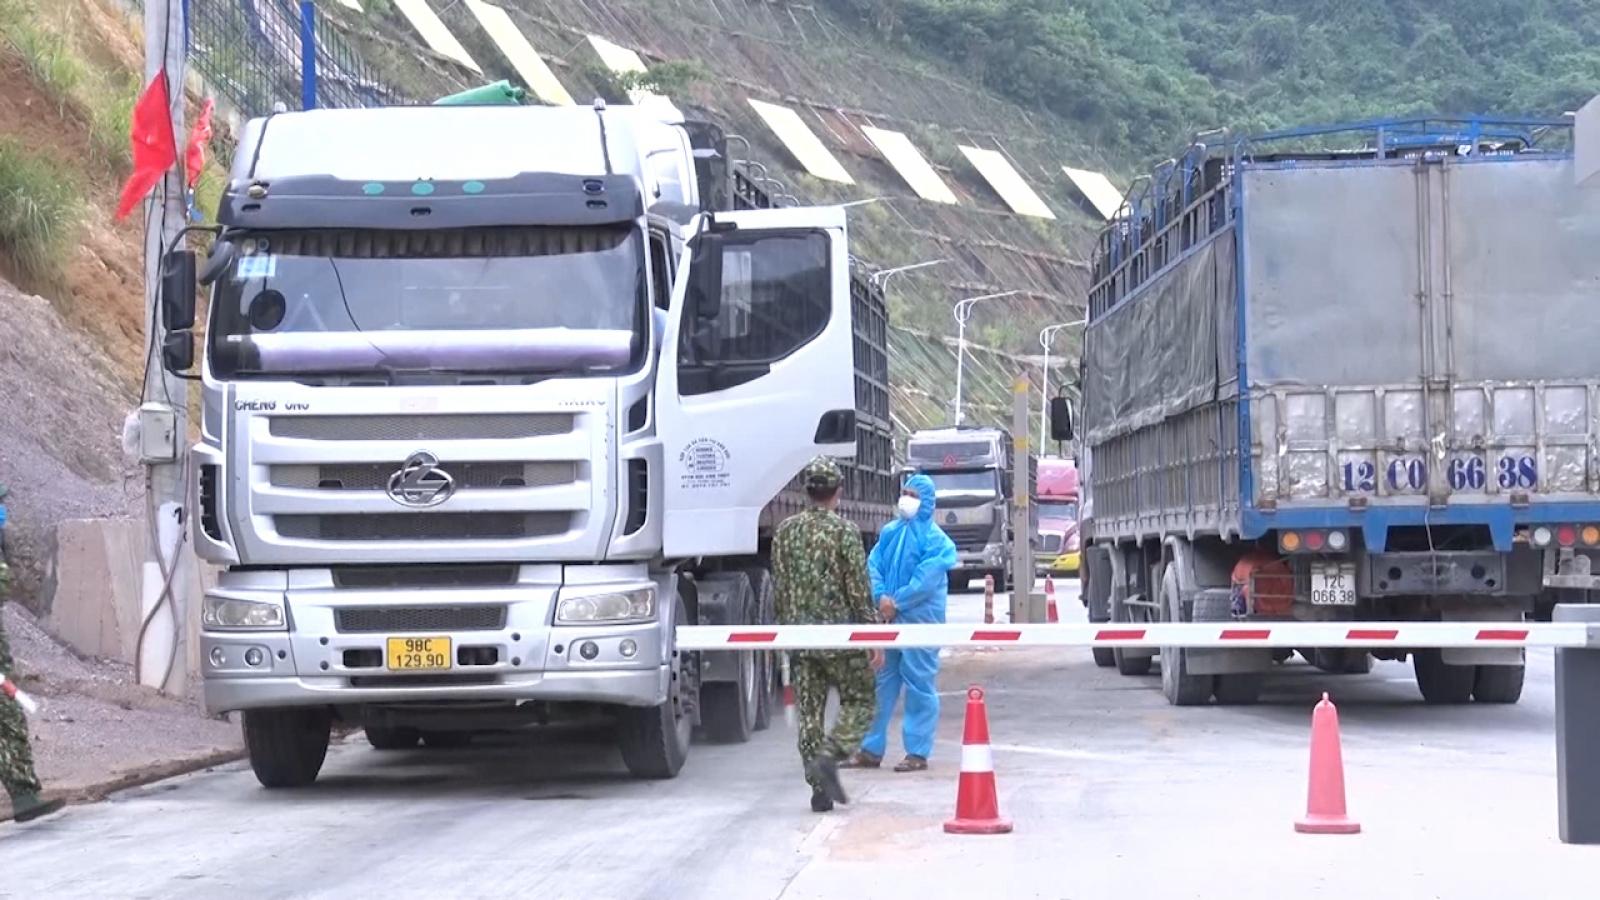 Hơn 100 xe hàng xuất khẩu qua cửa khẩu Tân Thanh, Lạng Sơn